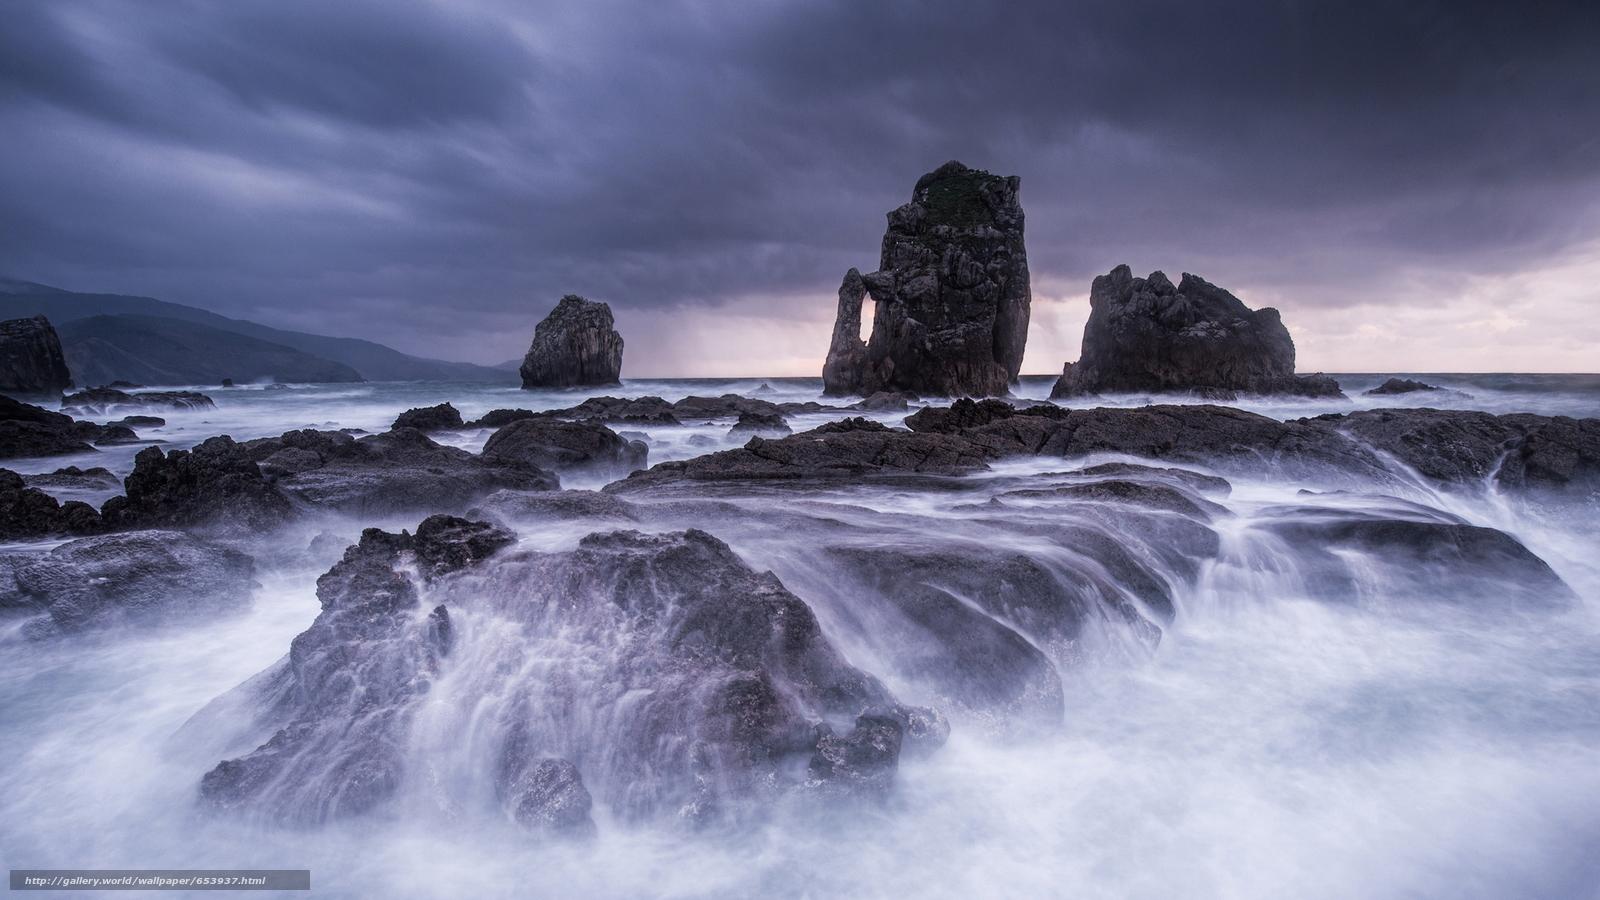 Скачать обои море,  океан,  водоем,  камни бесплатно для рабочего стола в разрешении 2048x1152 — картинка №653937